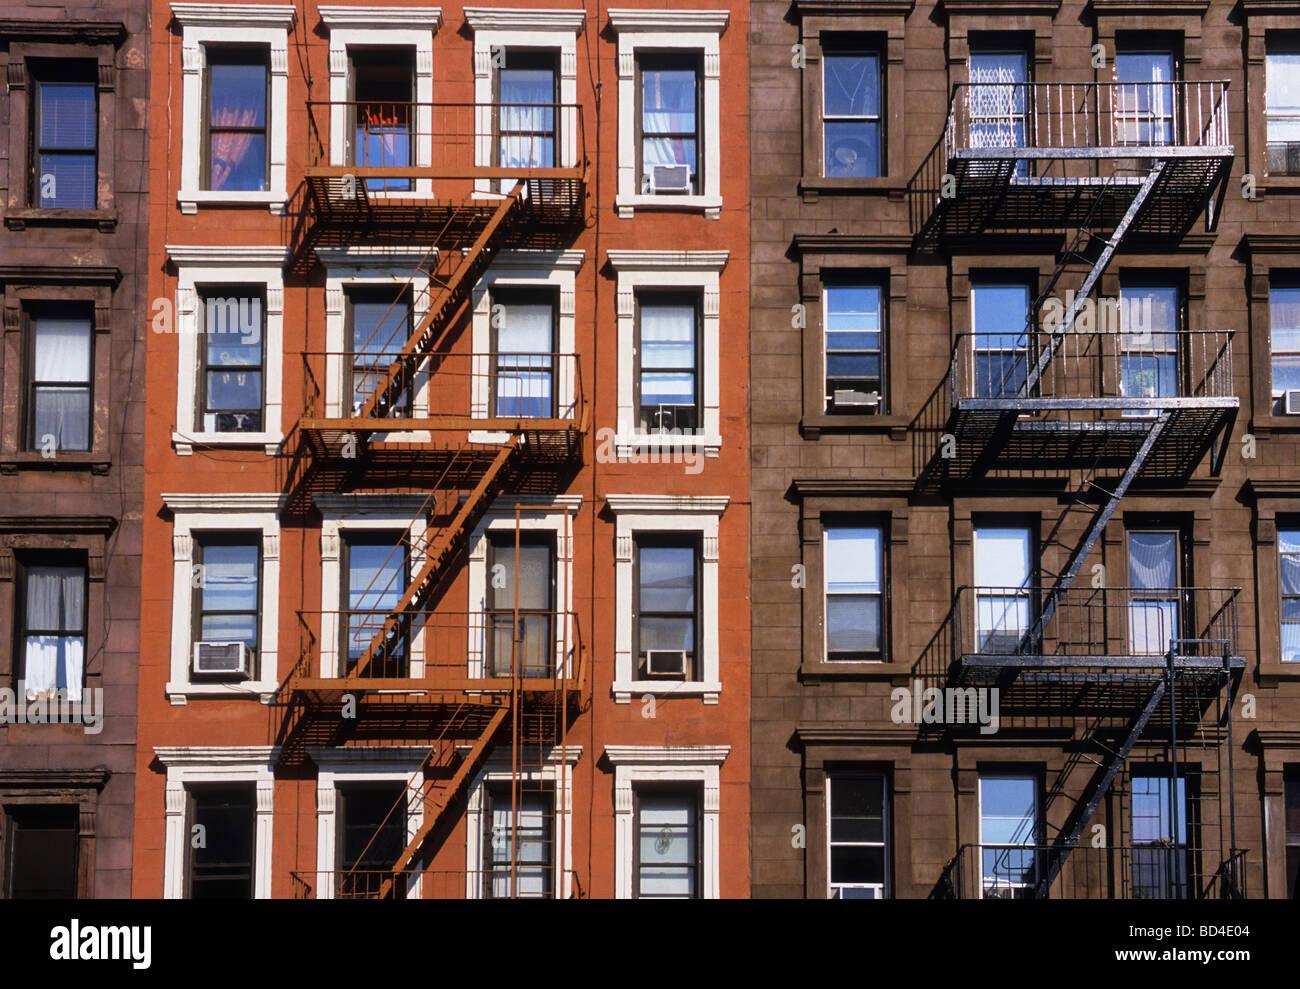 La Ciudad de Nueva York Tenement edificios restaurados Imagen De Stock